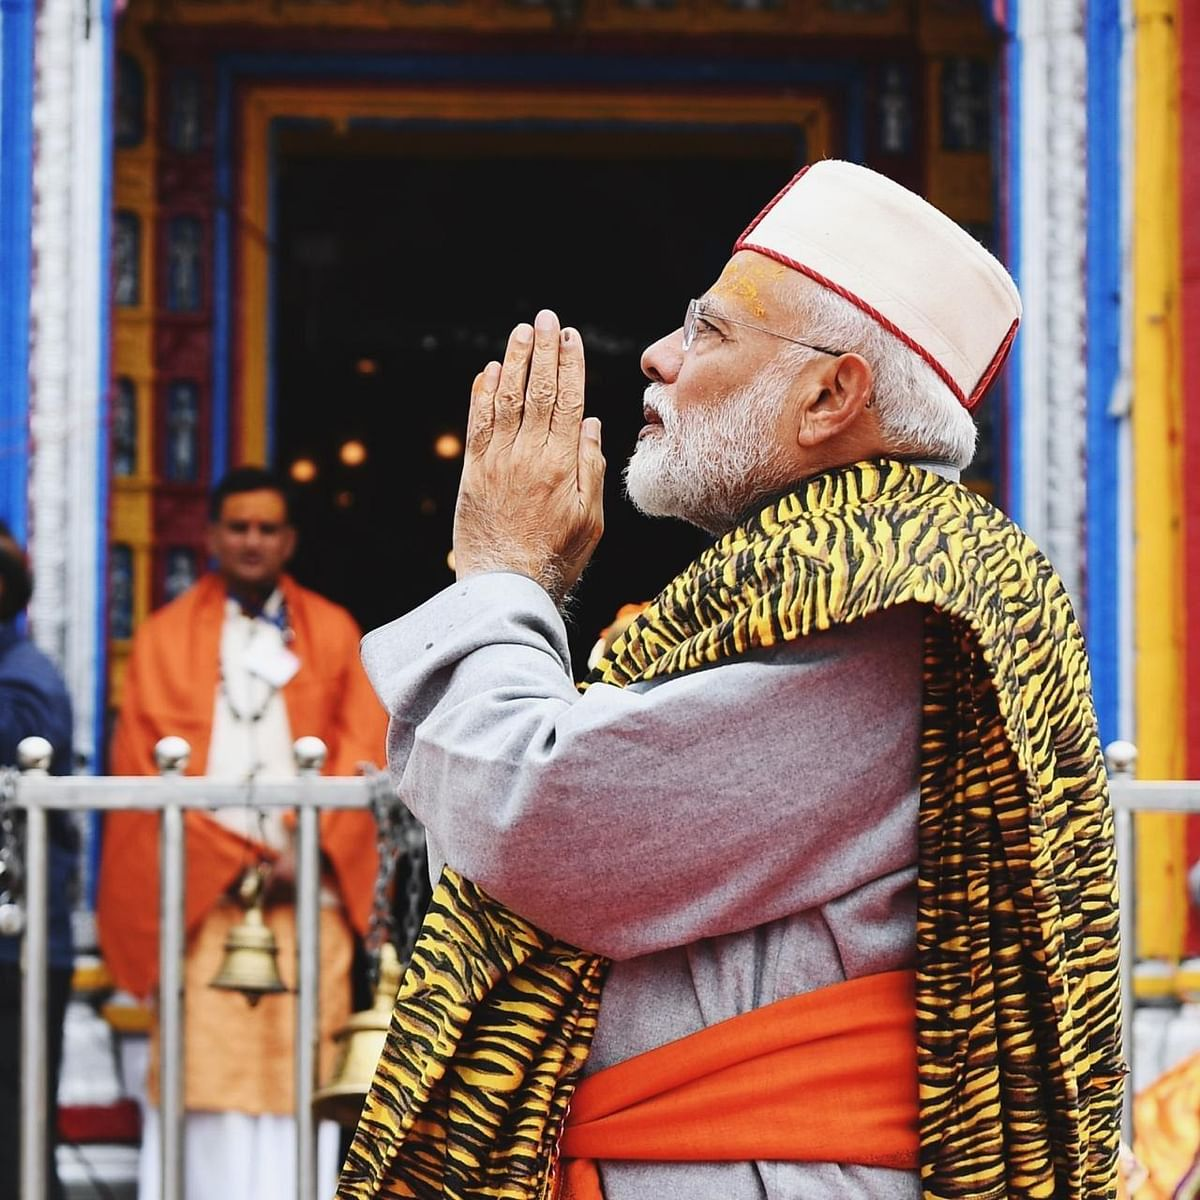 `கடவுளிடம் எதையும் கேட்டதில்லை!' - கேதர்நாத்தில் பிரதமர் மோடி